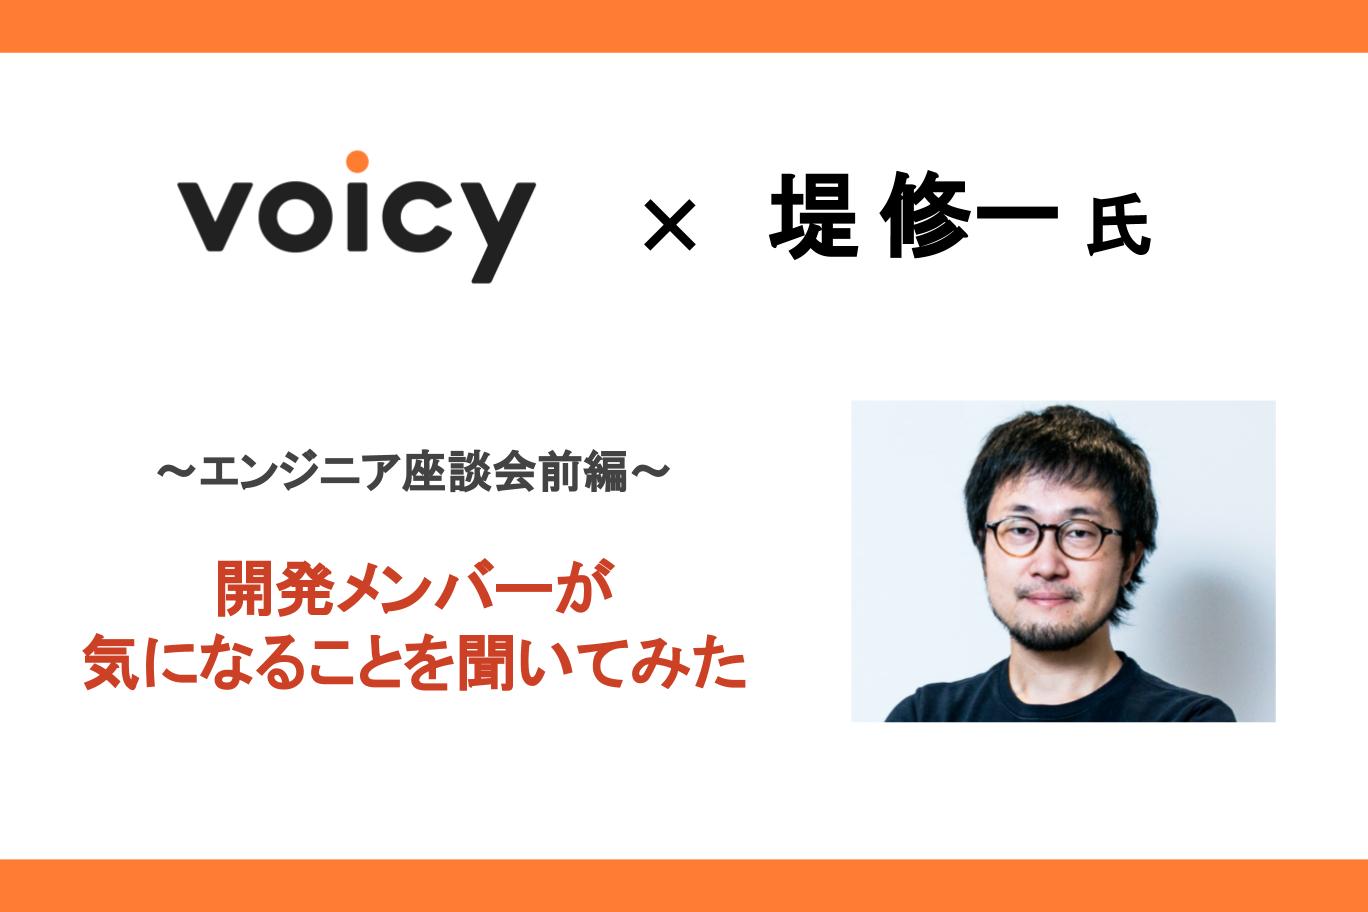 【エンジニア座談会|前編】Voicy技術顧問の堤修一さんとの座談会が実現。〜開発メンバーが気になることを聞いてみた〜